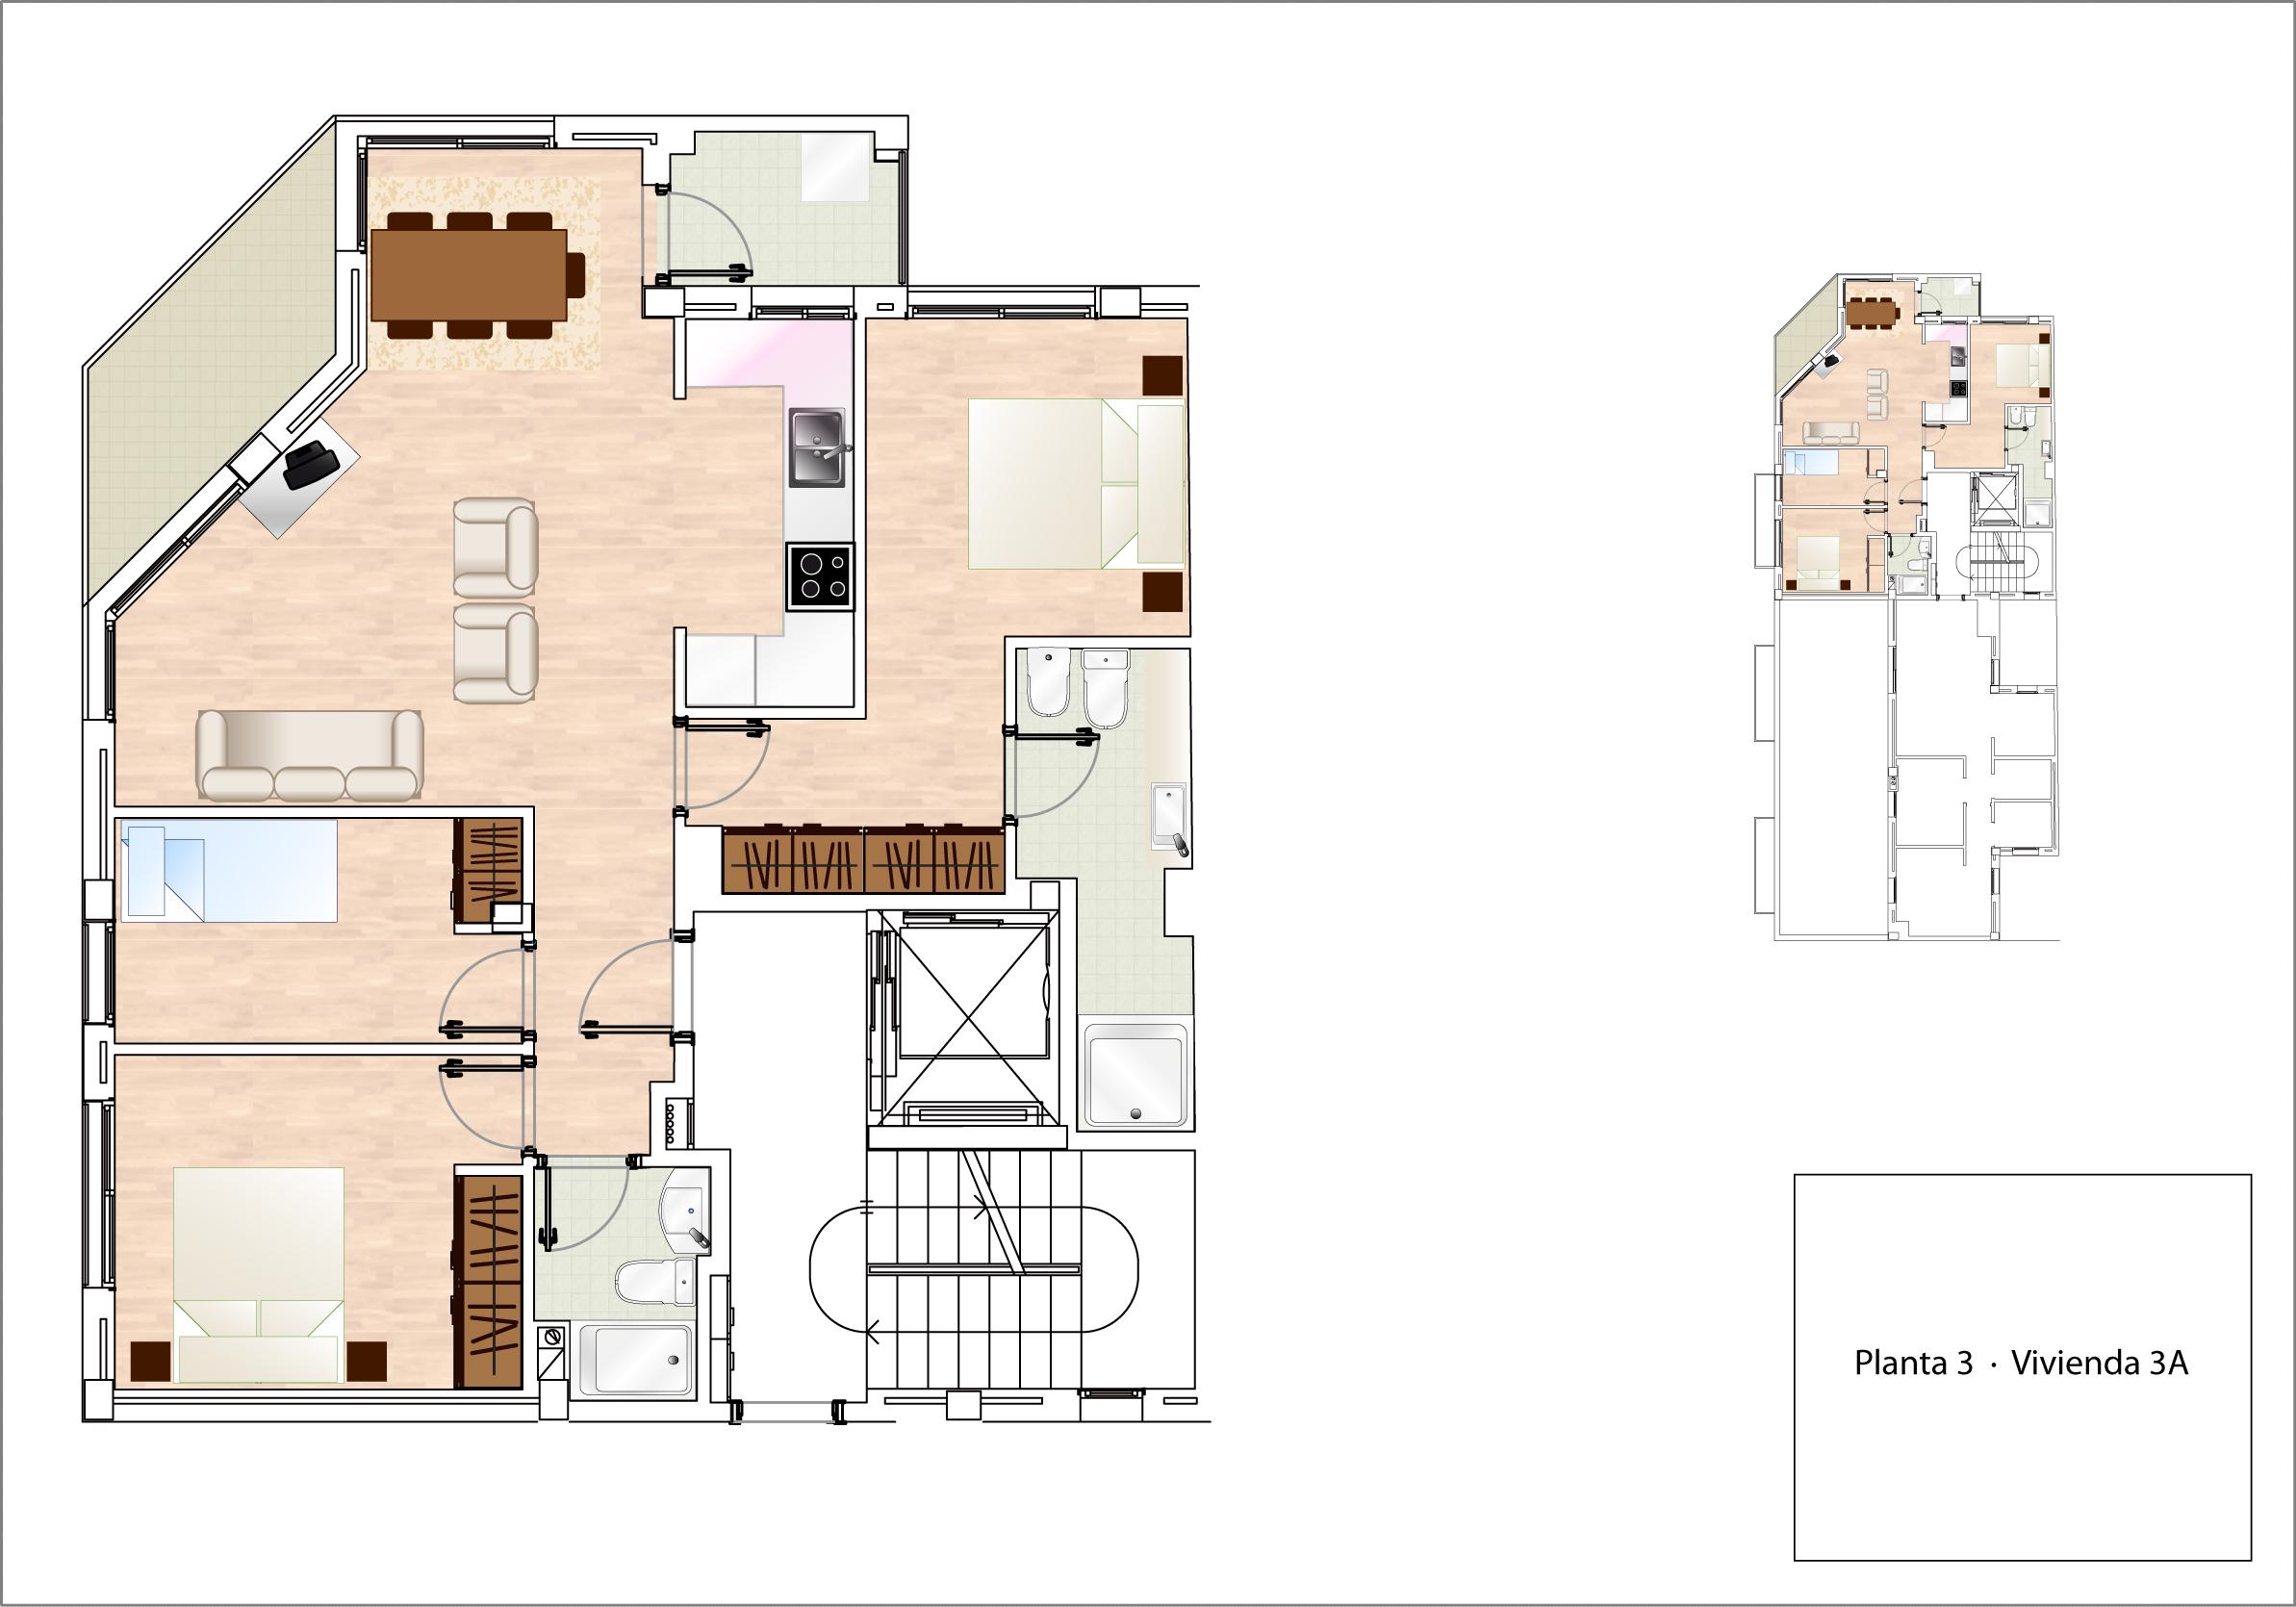 Plano Vivienda 3A - planta 3